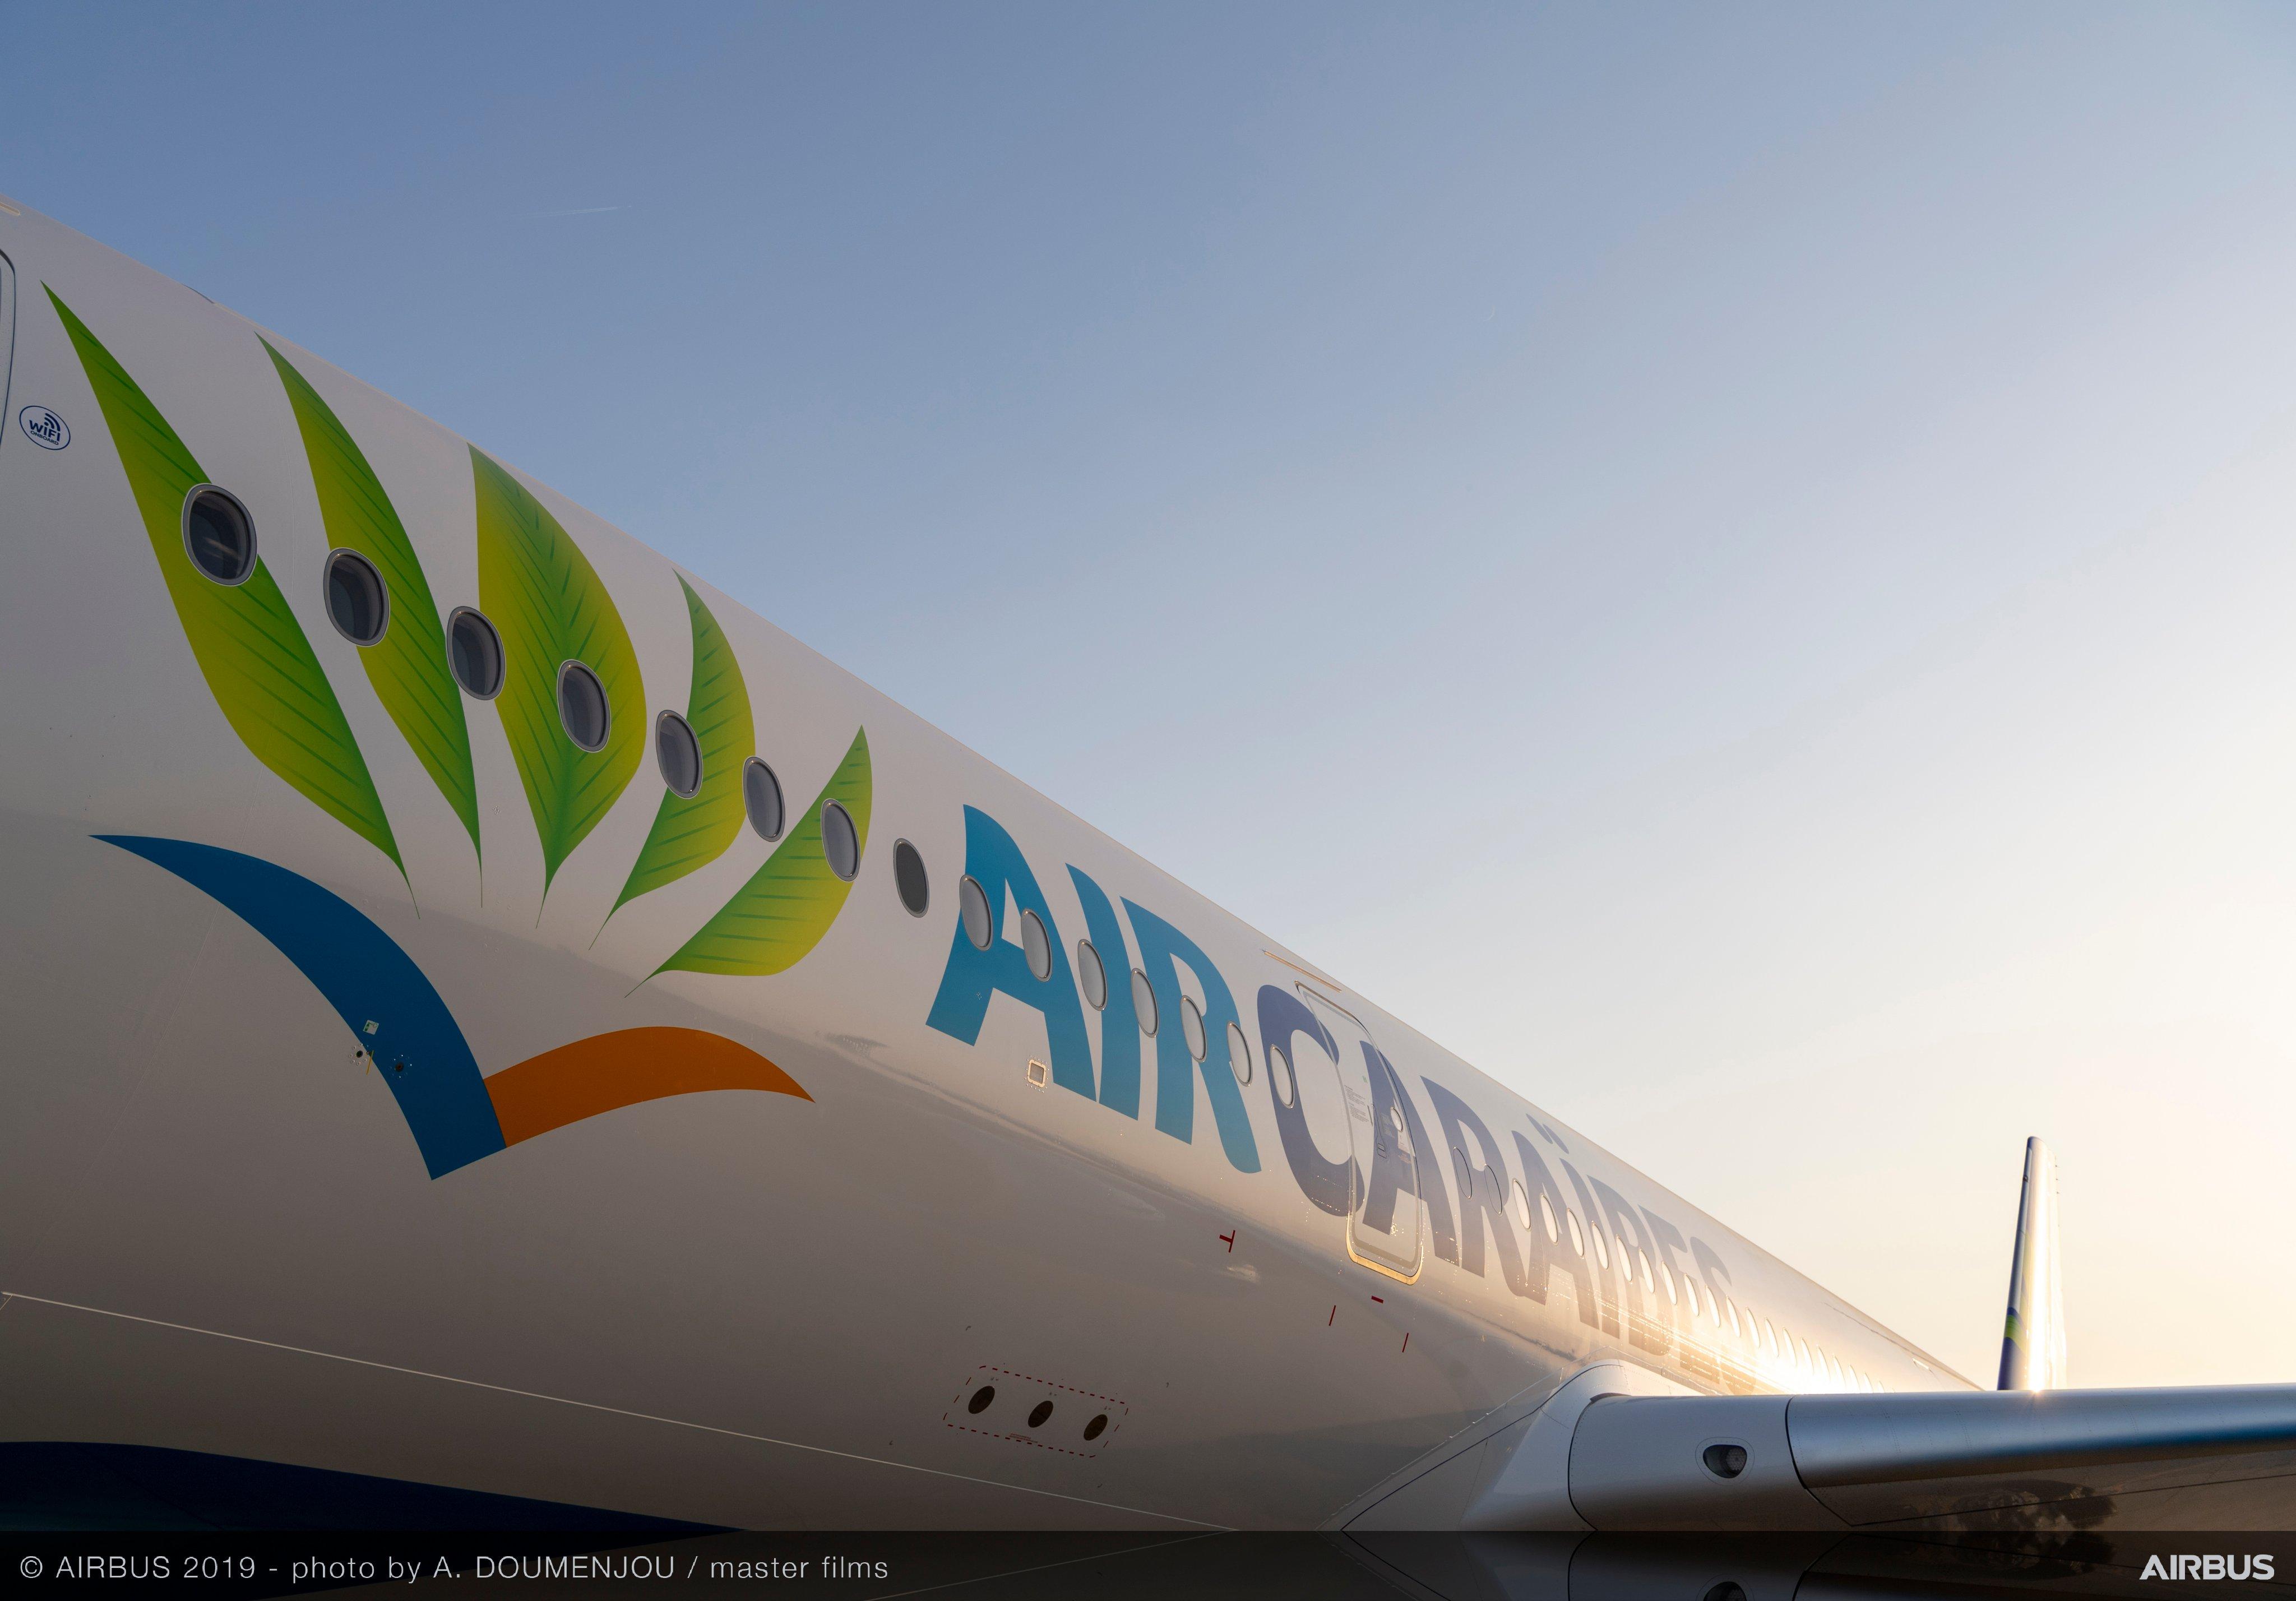 Desserte Aérienne : La CTM, pourrait apporter «un appui» à la compagnie Air Caraïbes selon Yan Monplaisir